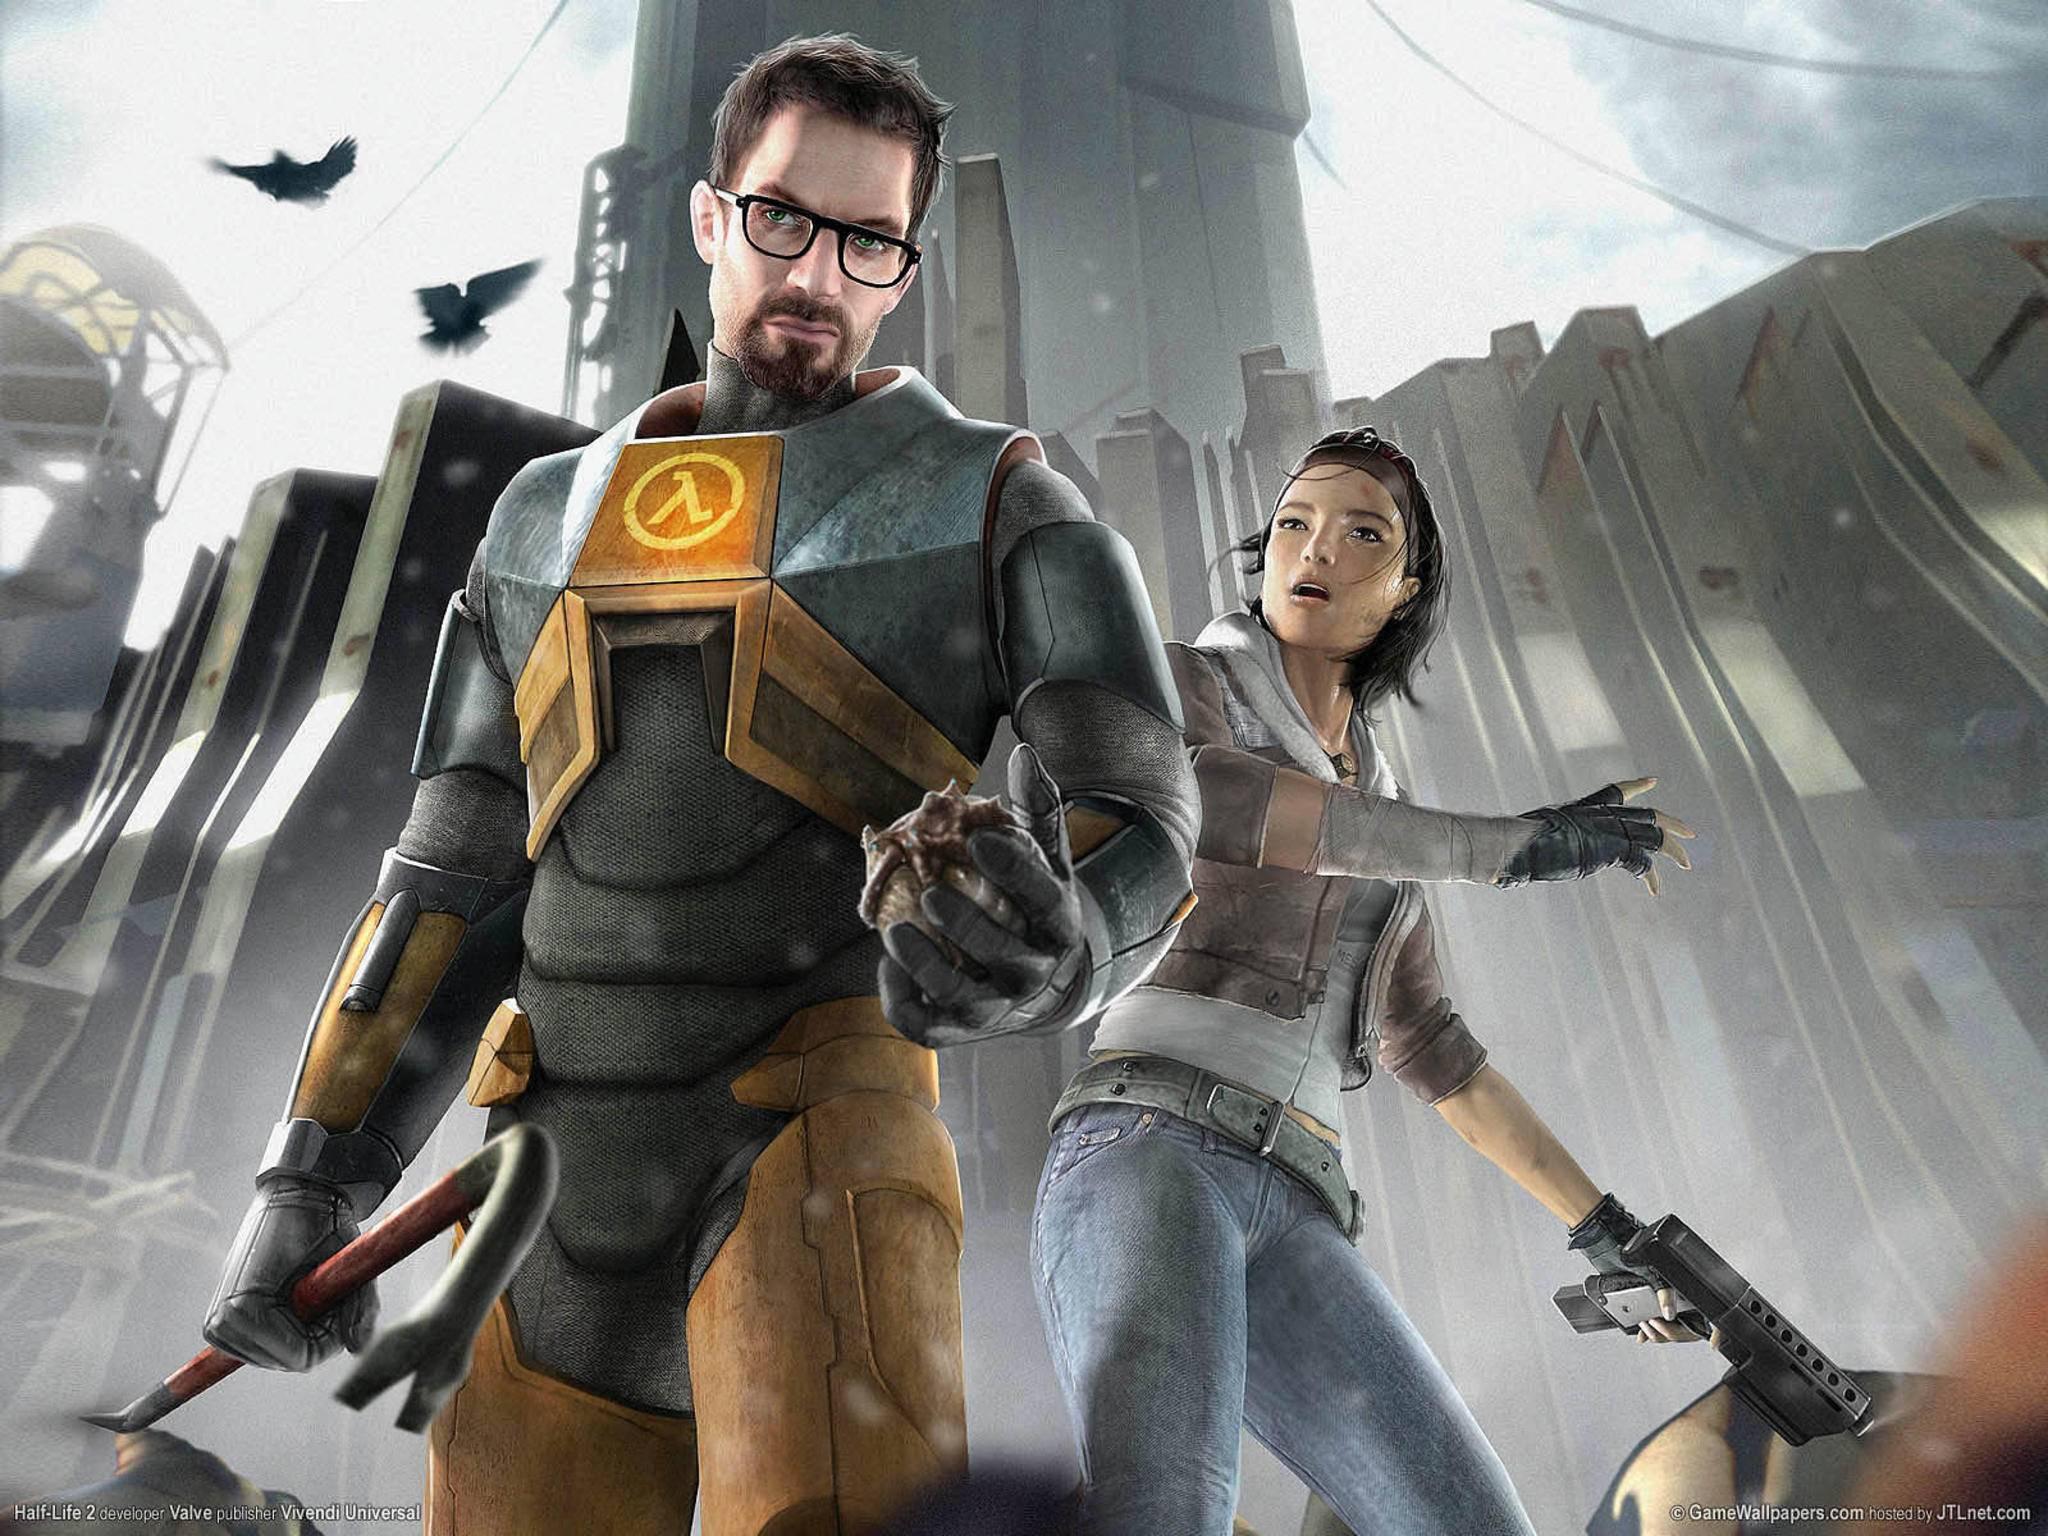 """Auch """"Half Life"""" wird oft als Prototyp eines Killerspiels angeführt."""